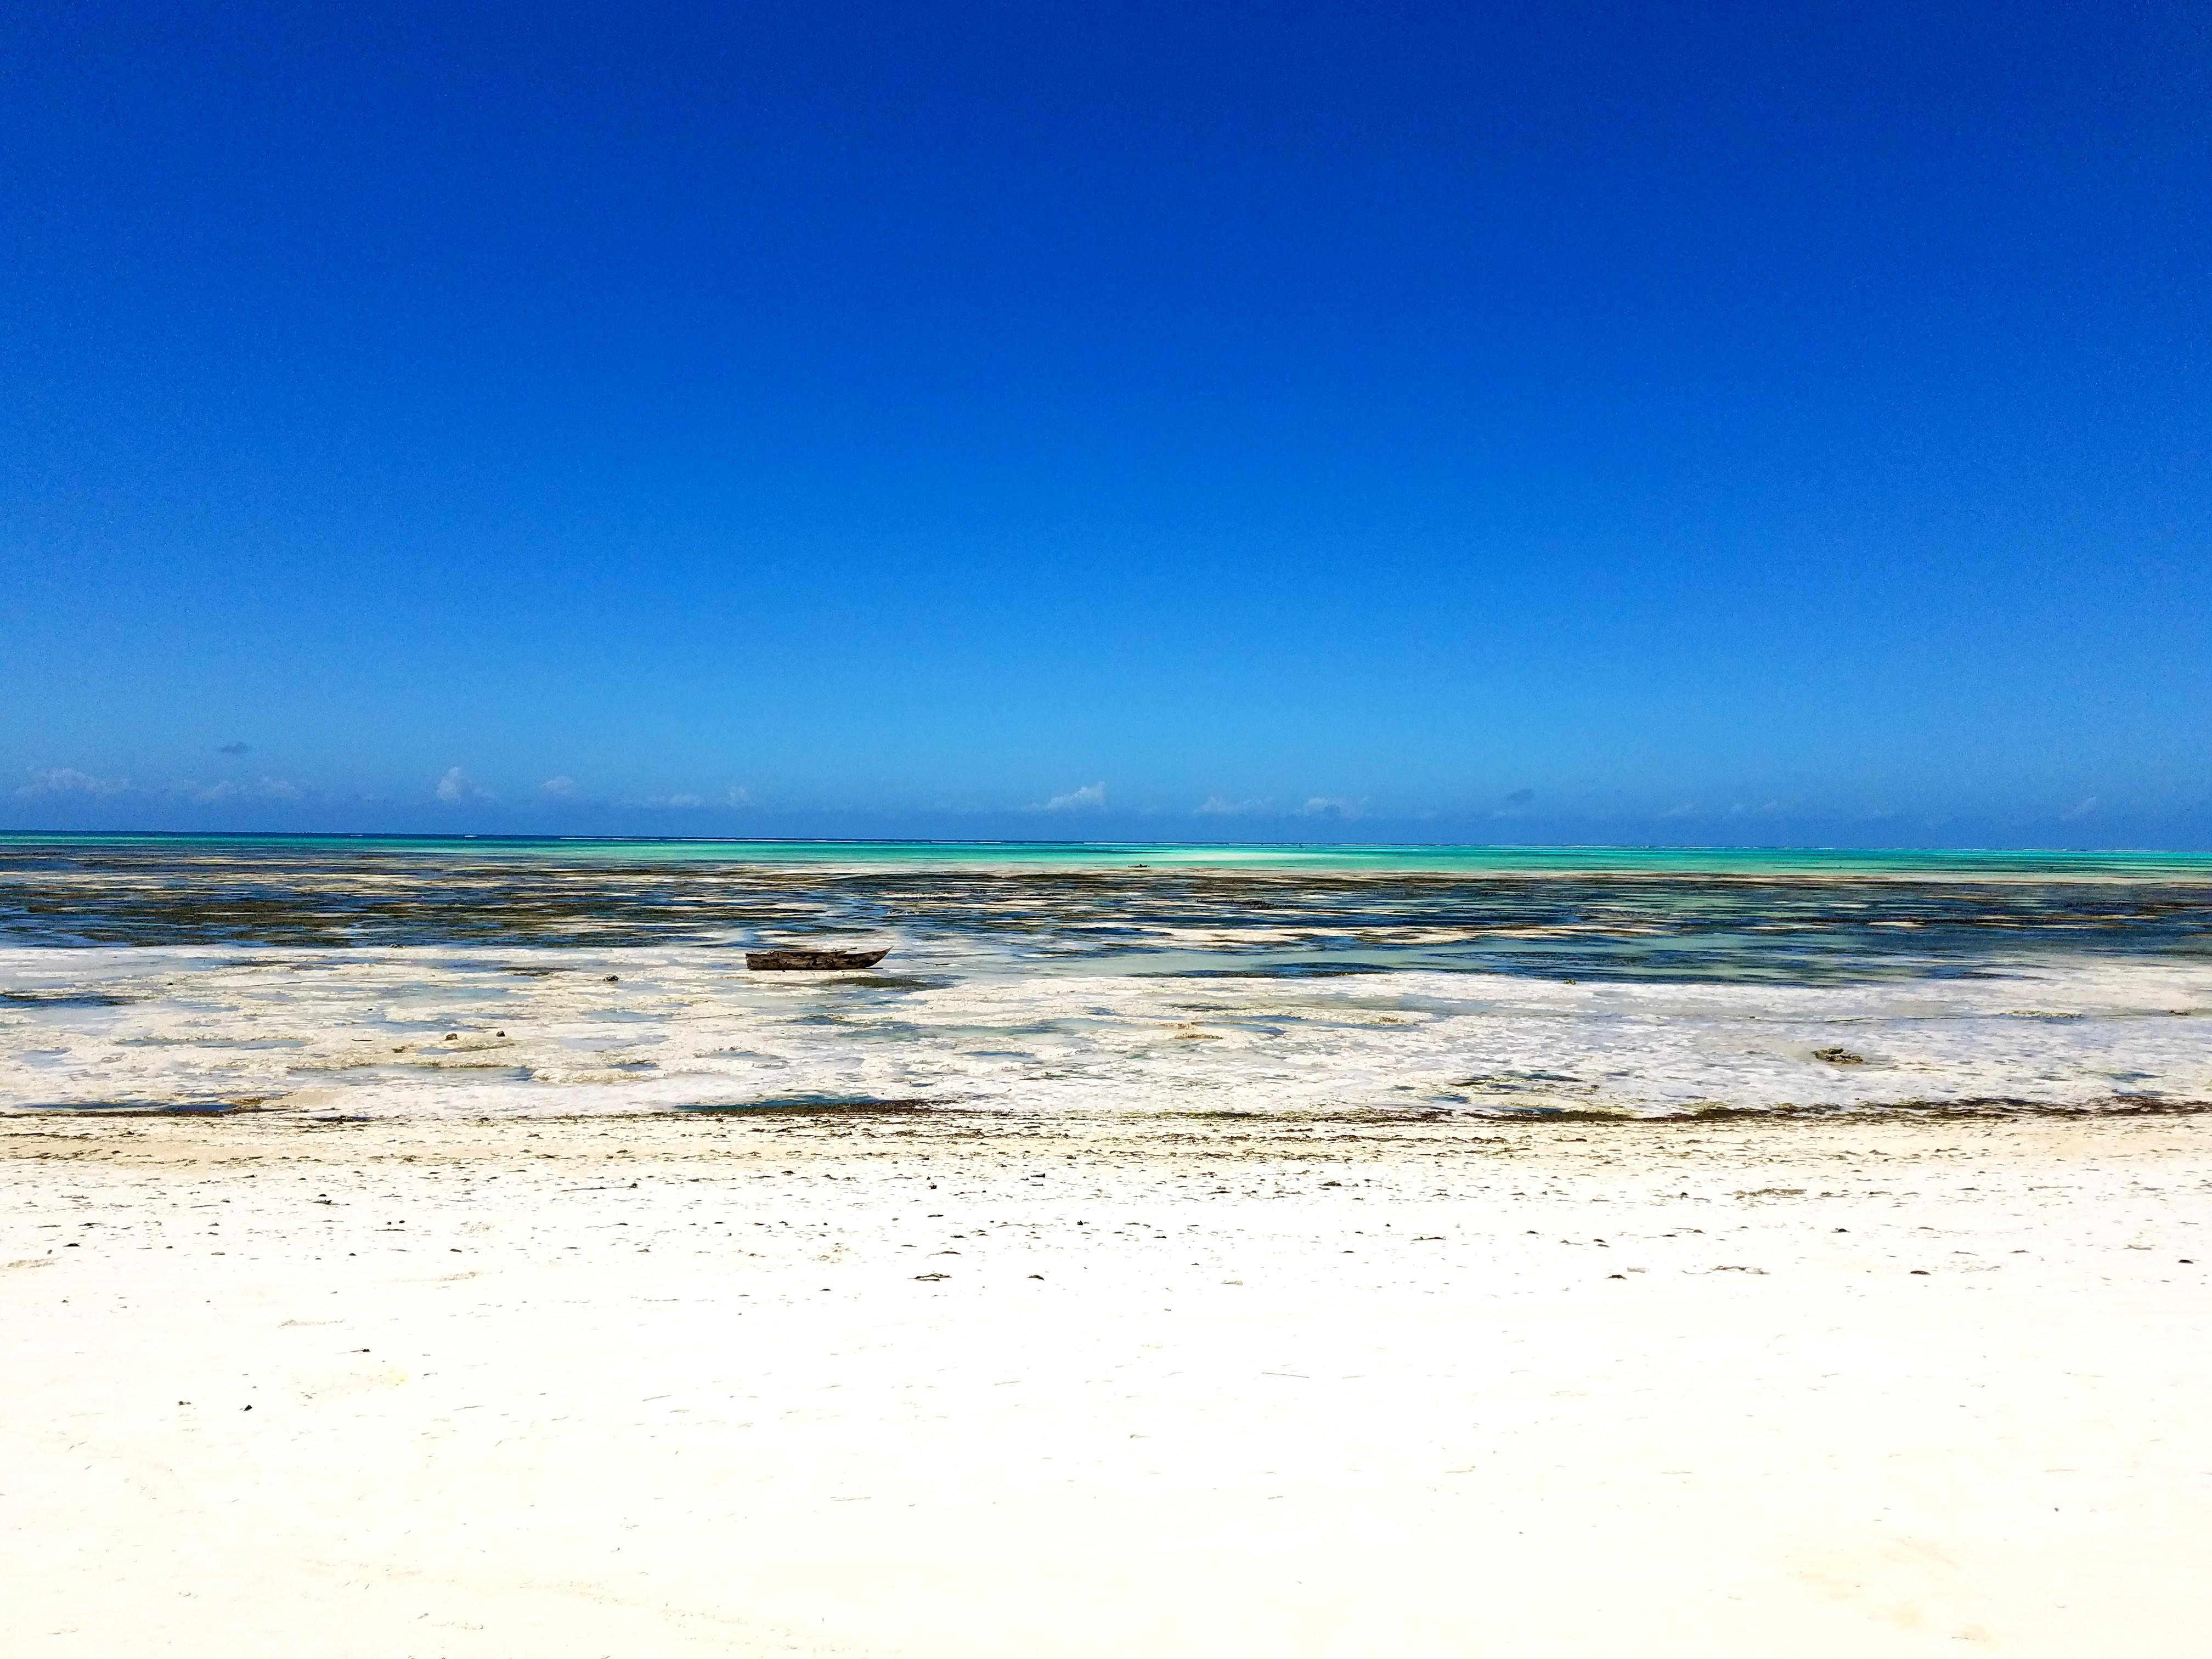 zanzibar, mamamapambo, jambiani, africa, tanzania, beach